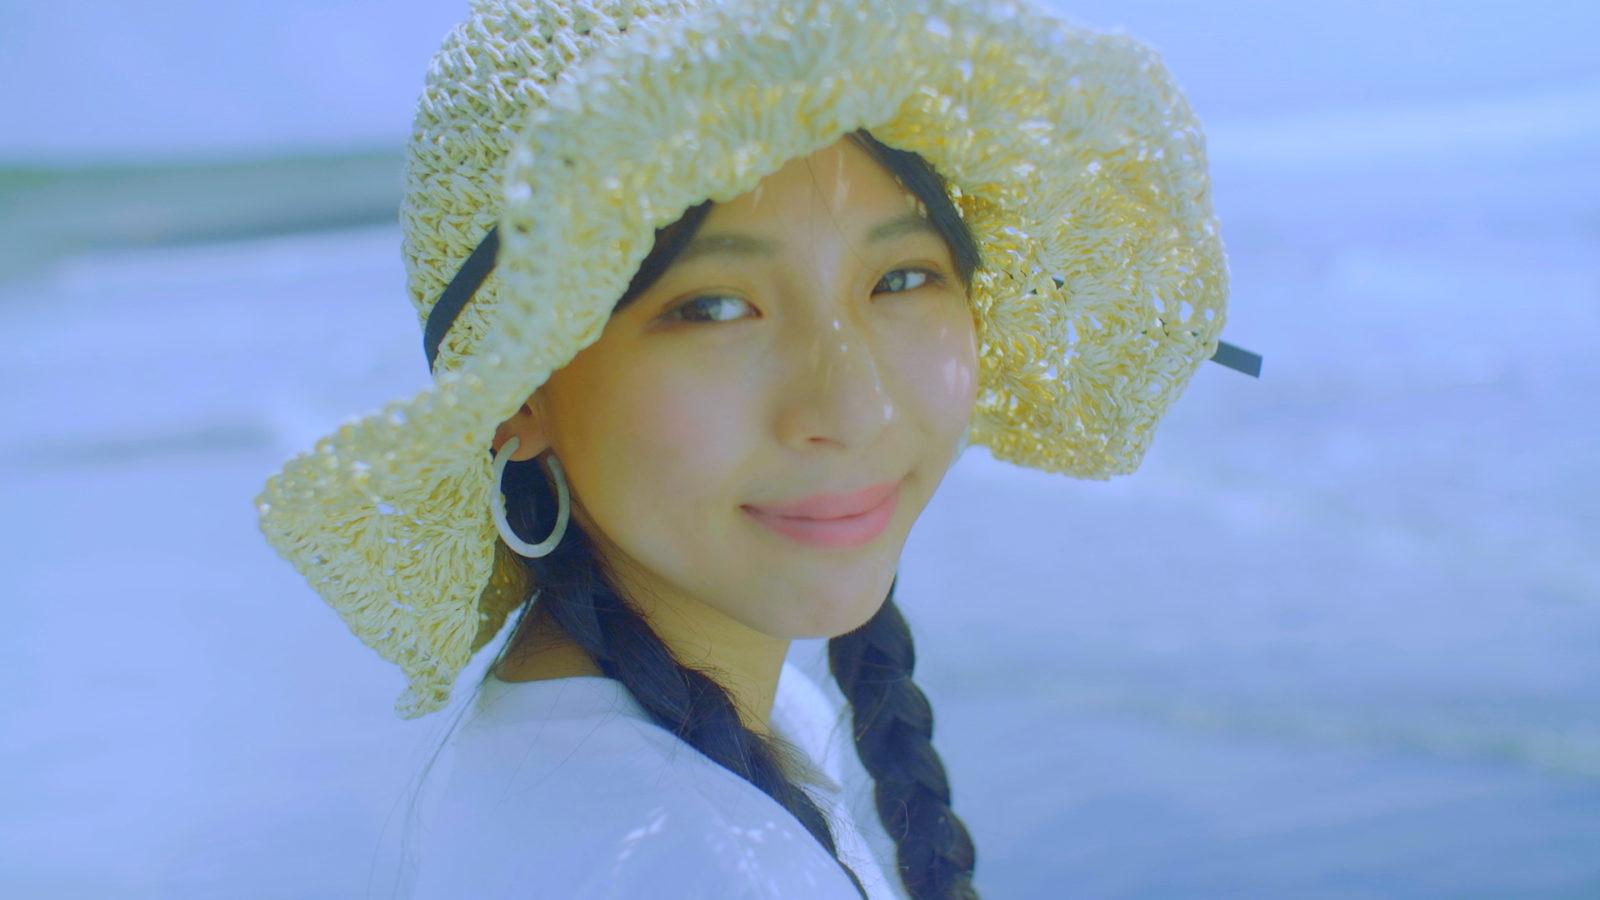 「オオカミちゃんには騙されない」で話題のカリスマモデル・ミチがHAN-KUN(湘南乃風)のMV初出演サムネイル画像